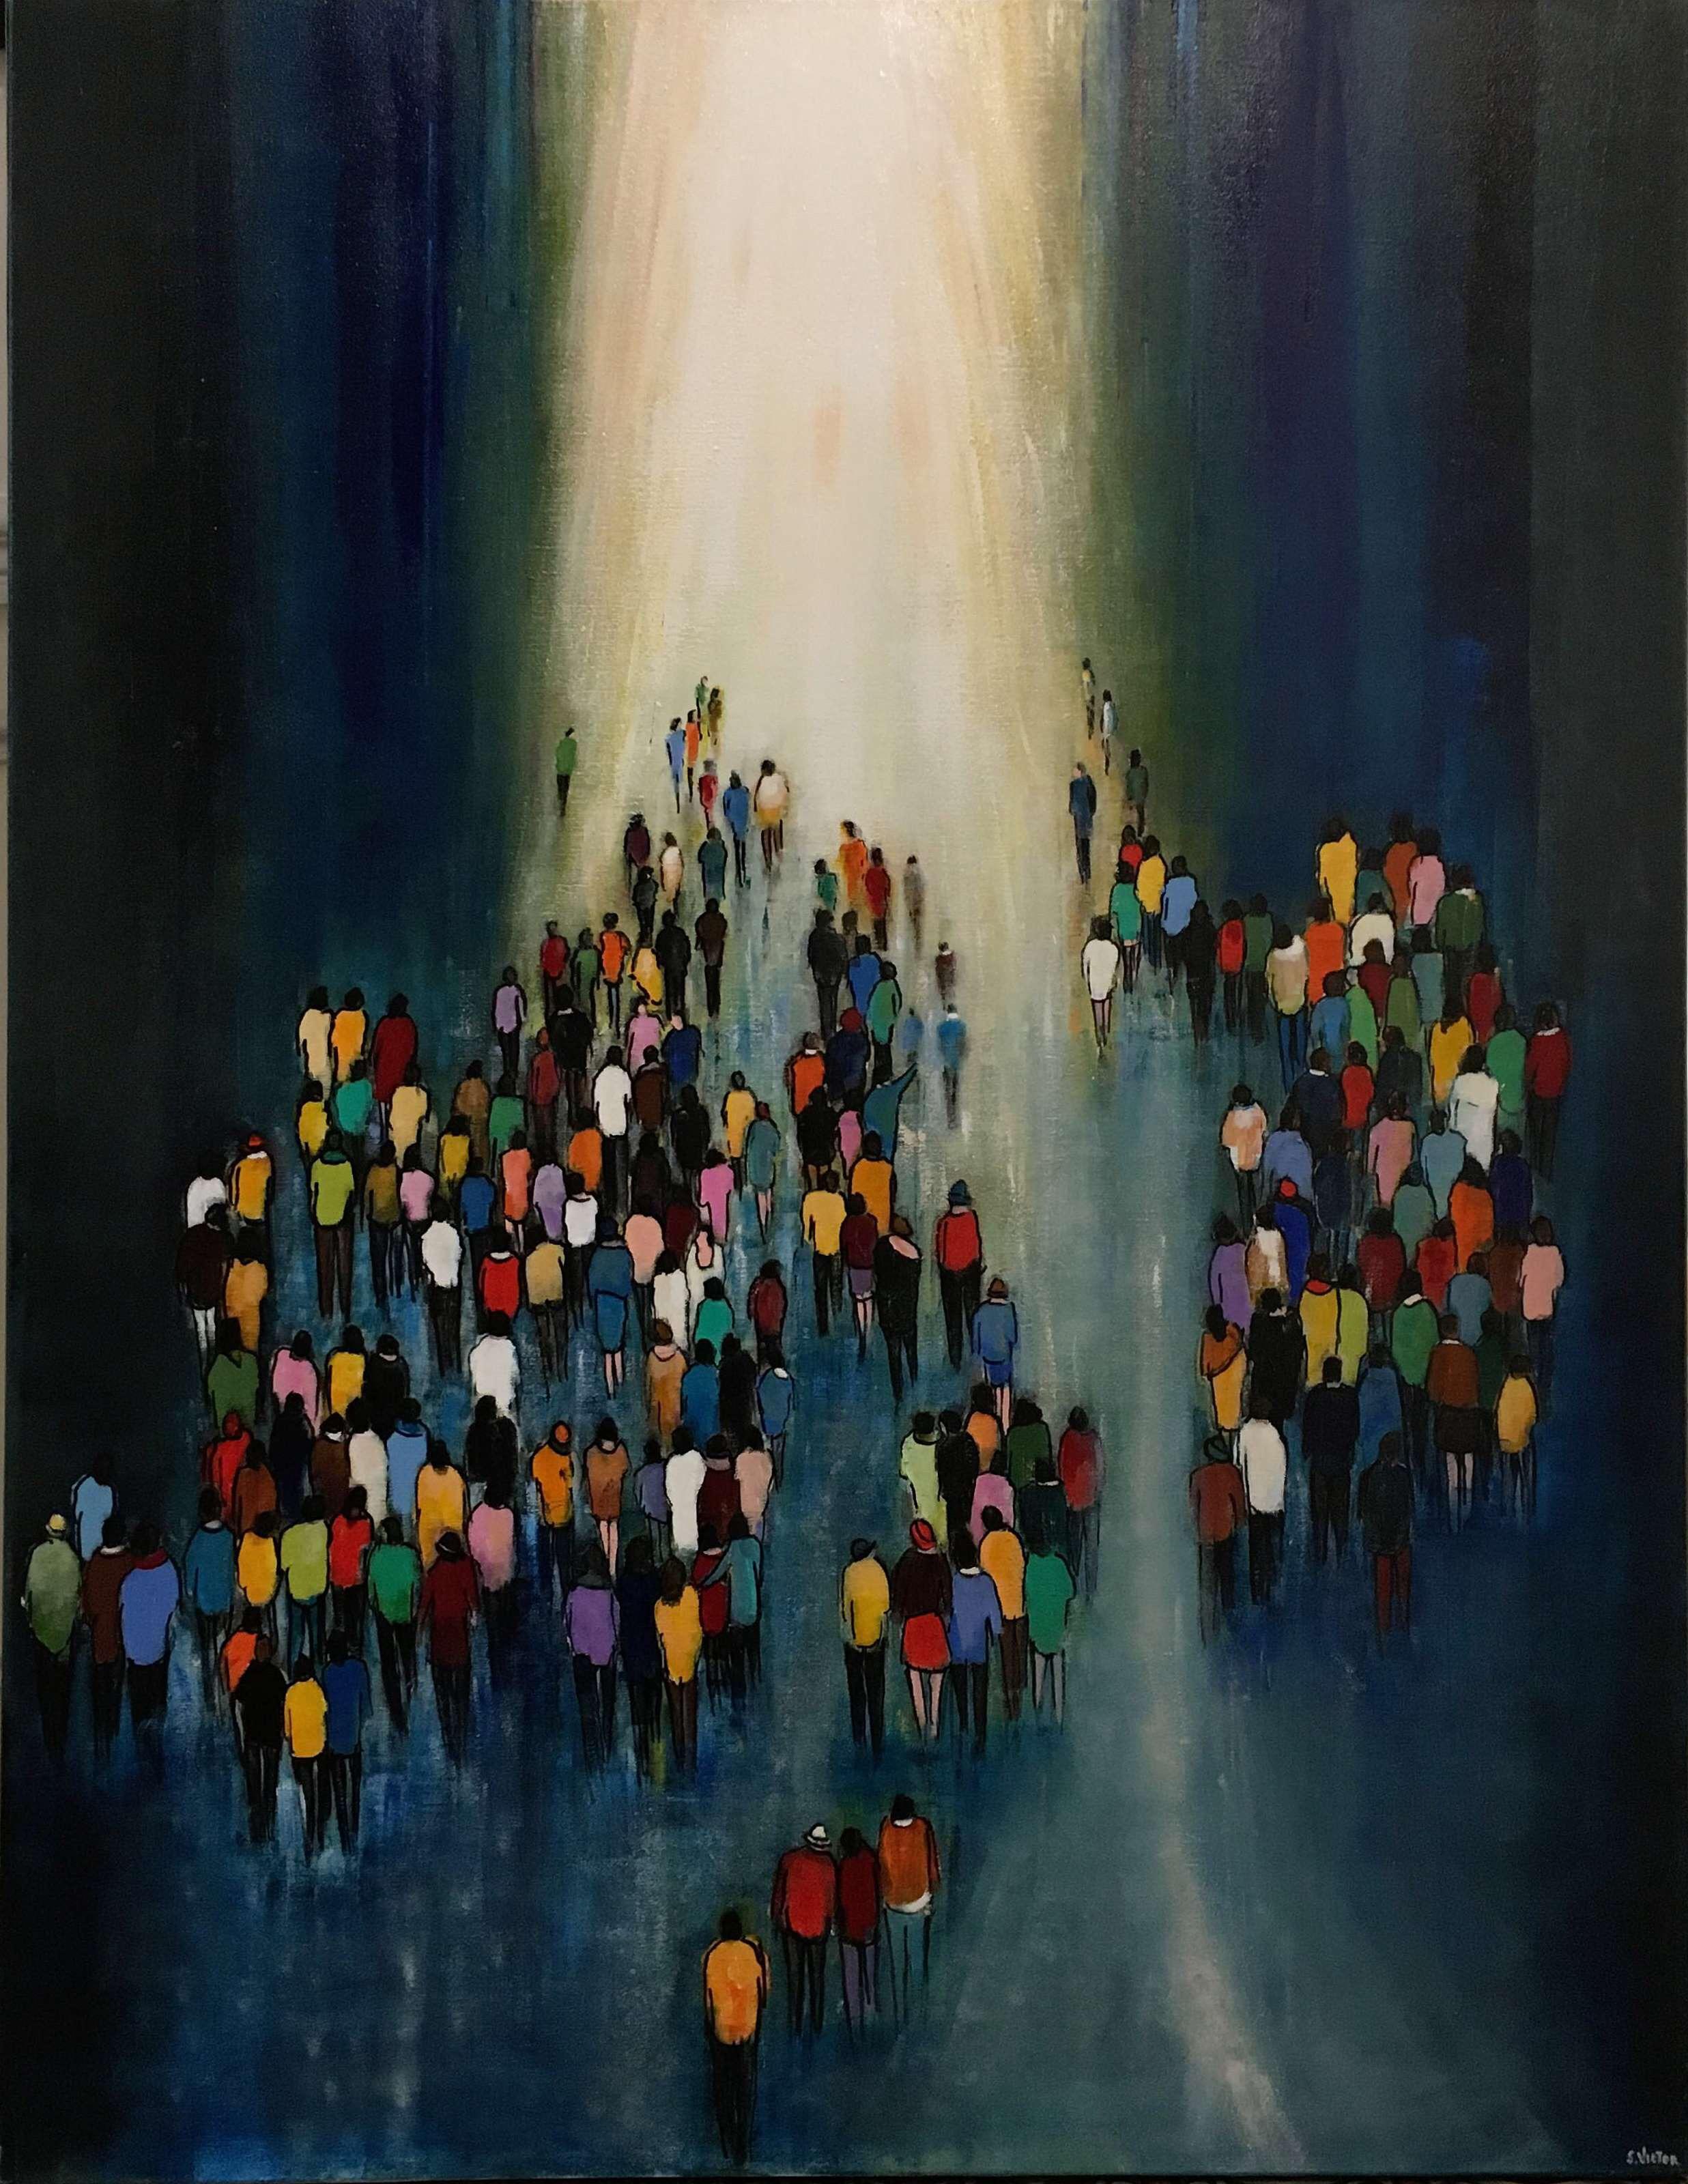 Vers la lumière - Acrylique sur toile - 130cmx97cm